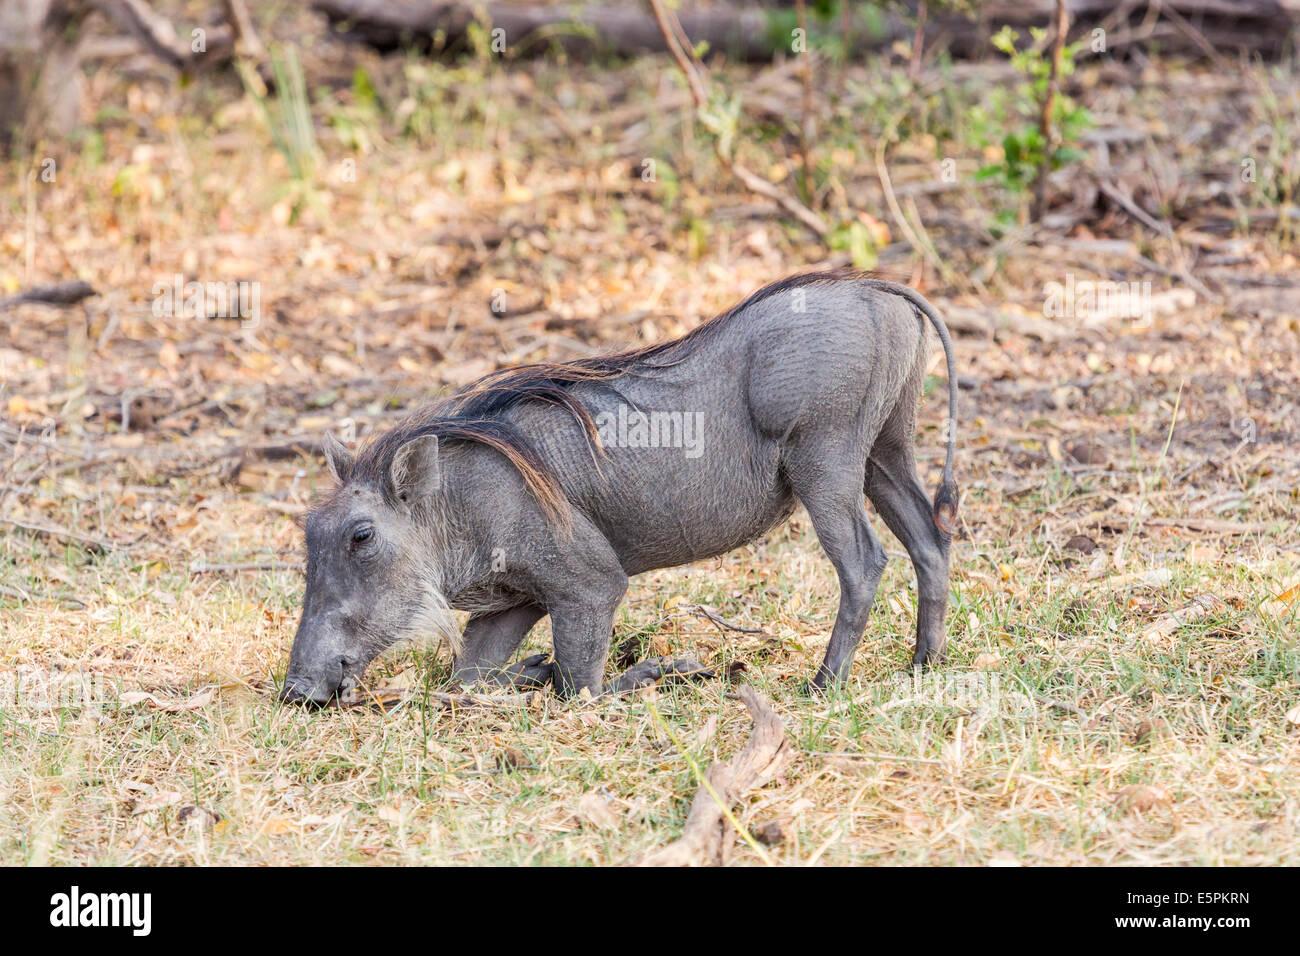 Common warthog, Phacochoerus africanus, in characteristic kneeling position to feed, Okavango Delta, Botswana - Stock Image